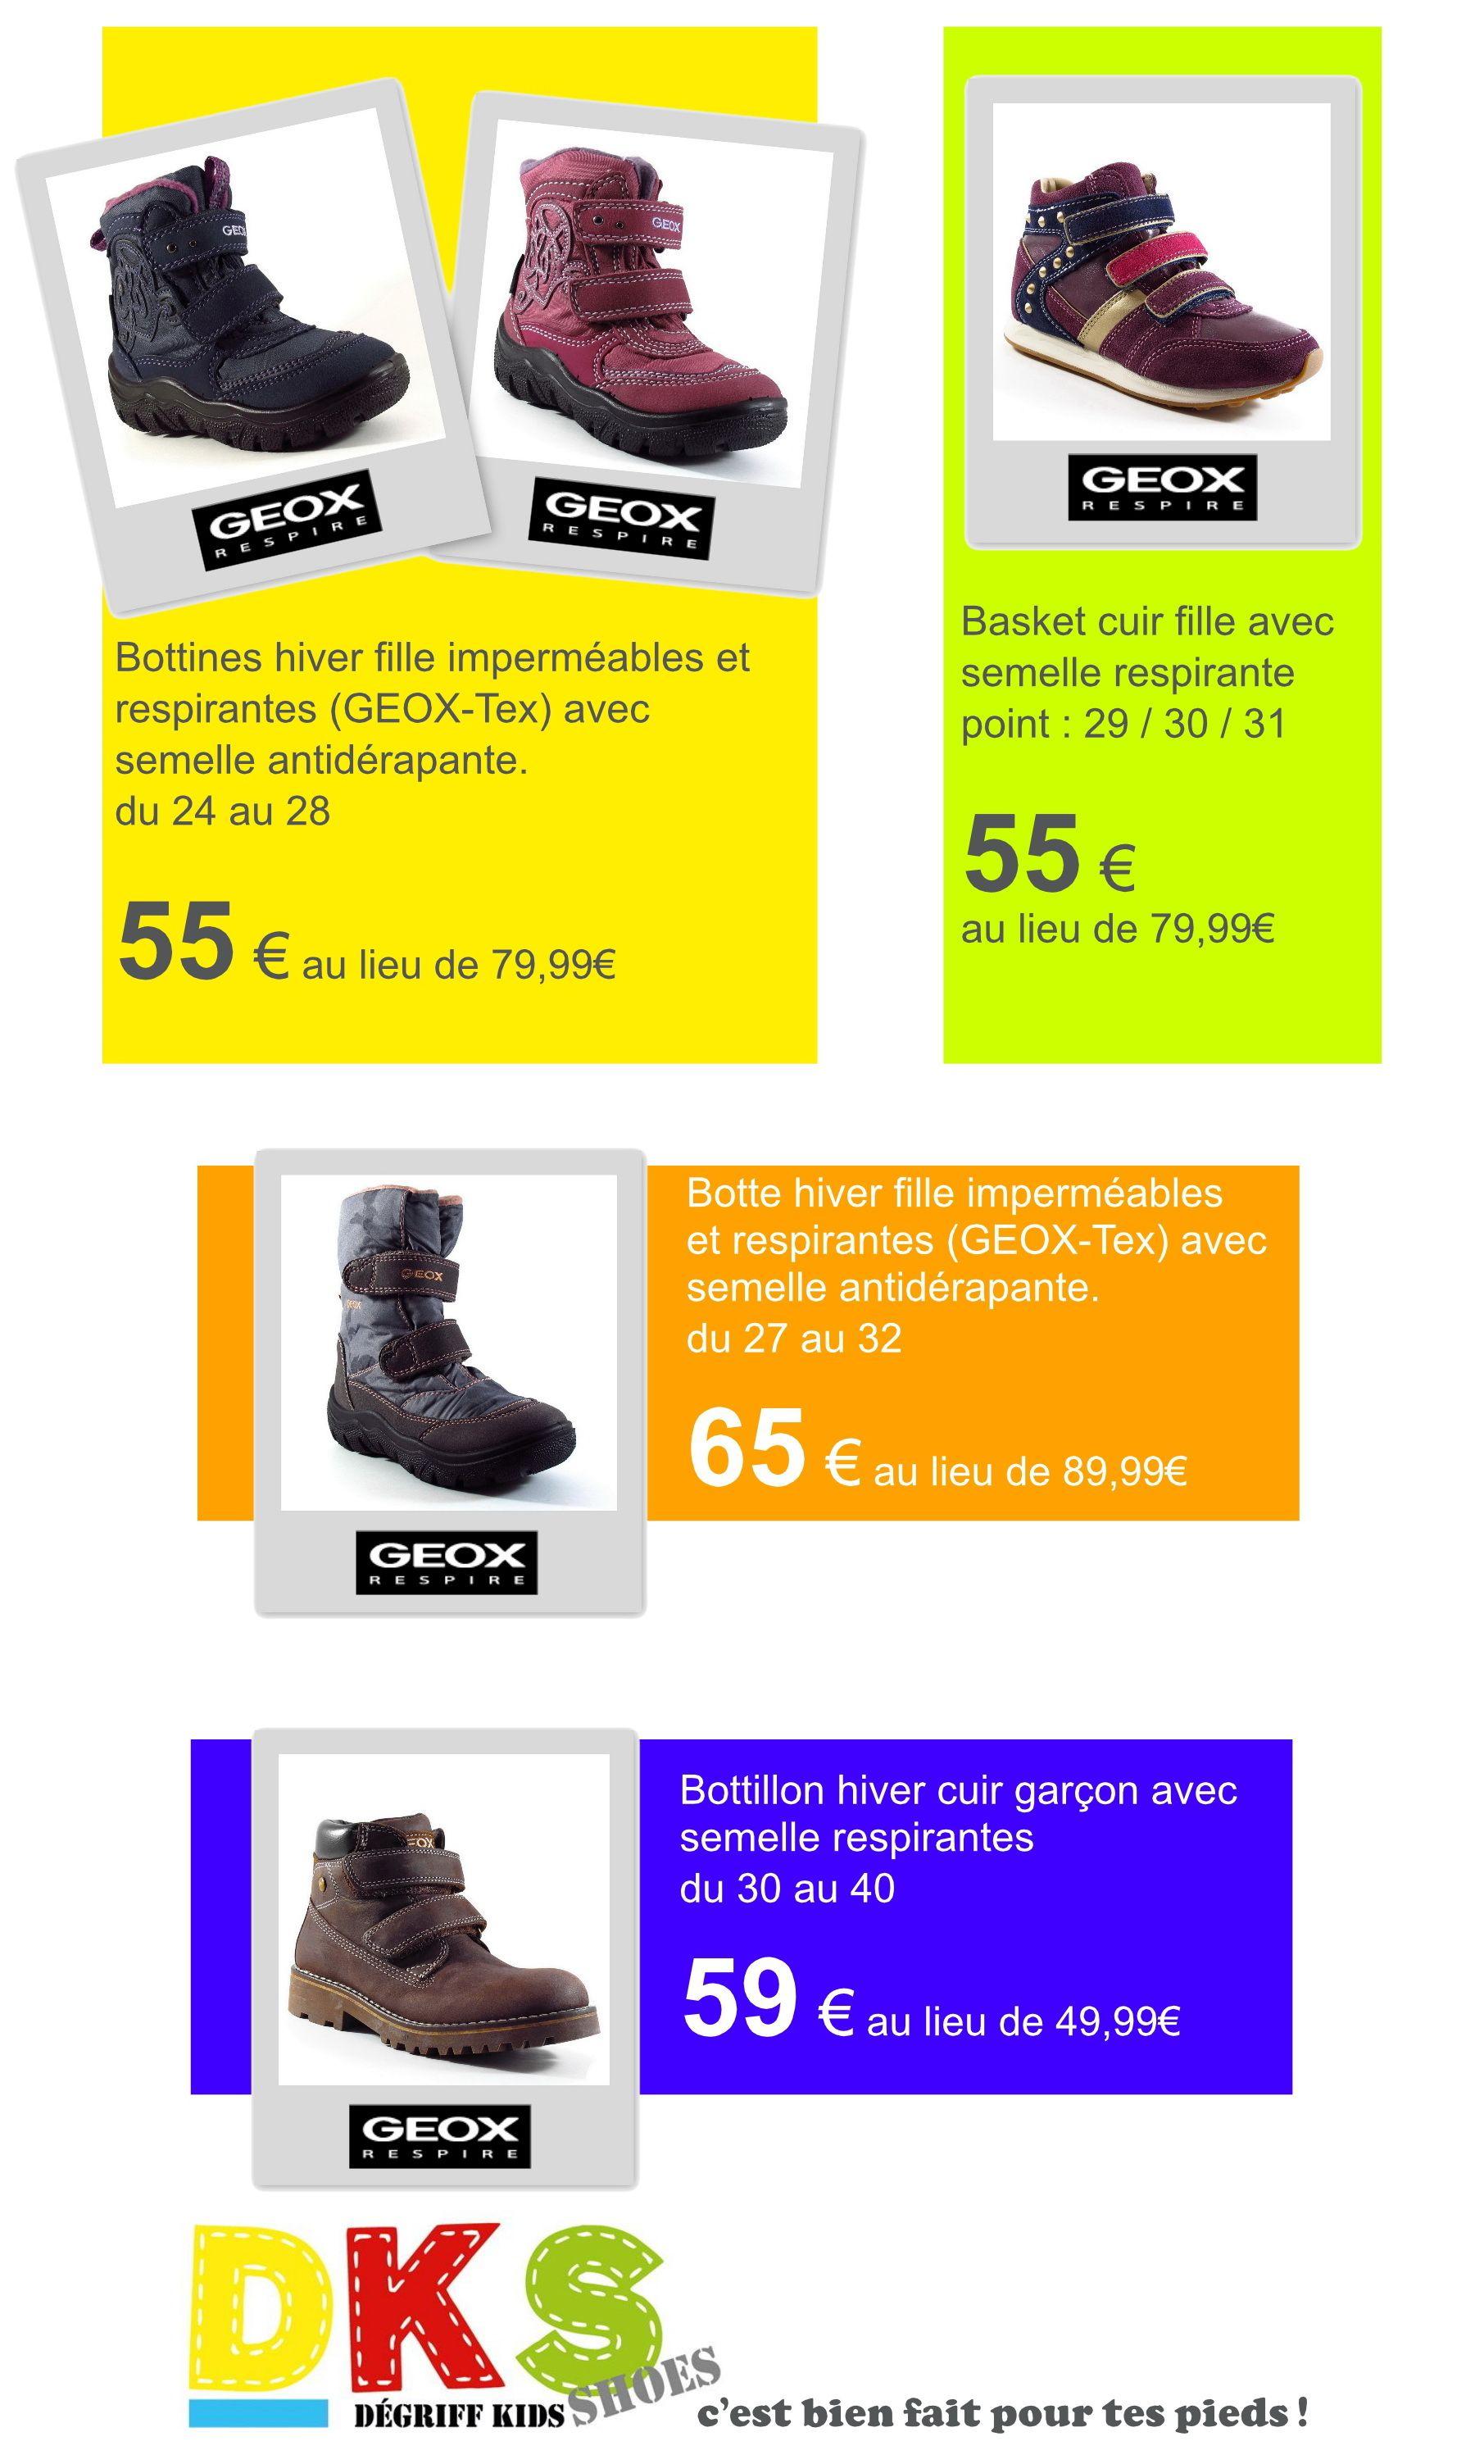 34886bdd653 Arrivage de chaussures hiver GEOX. semelle respirante. Fille et ...